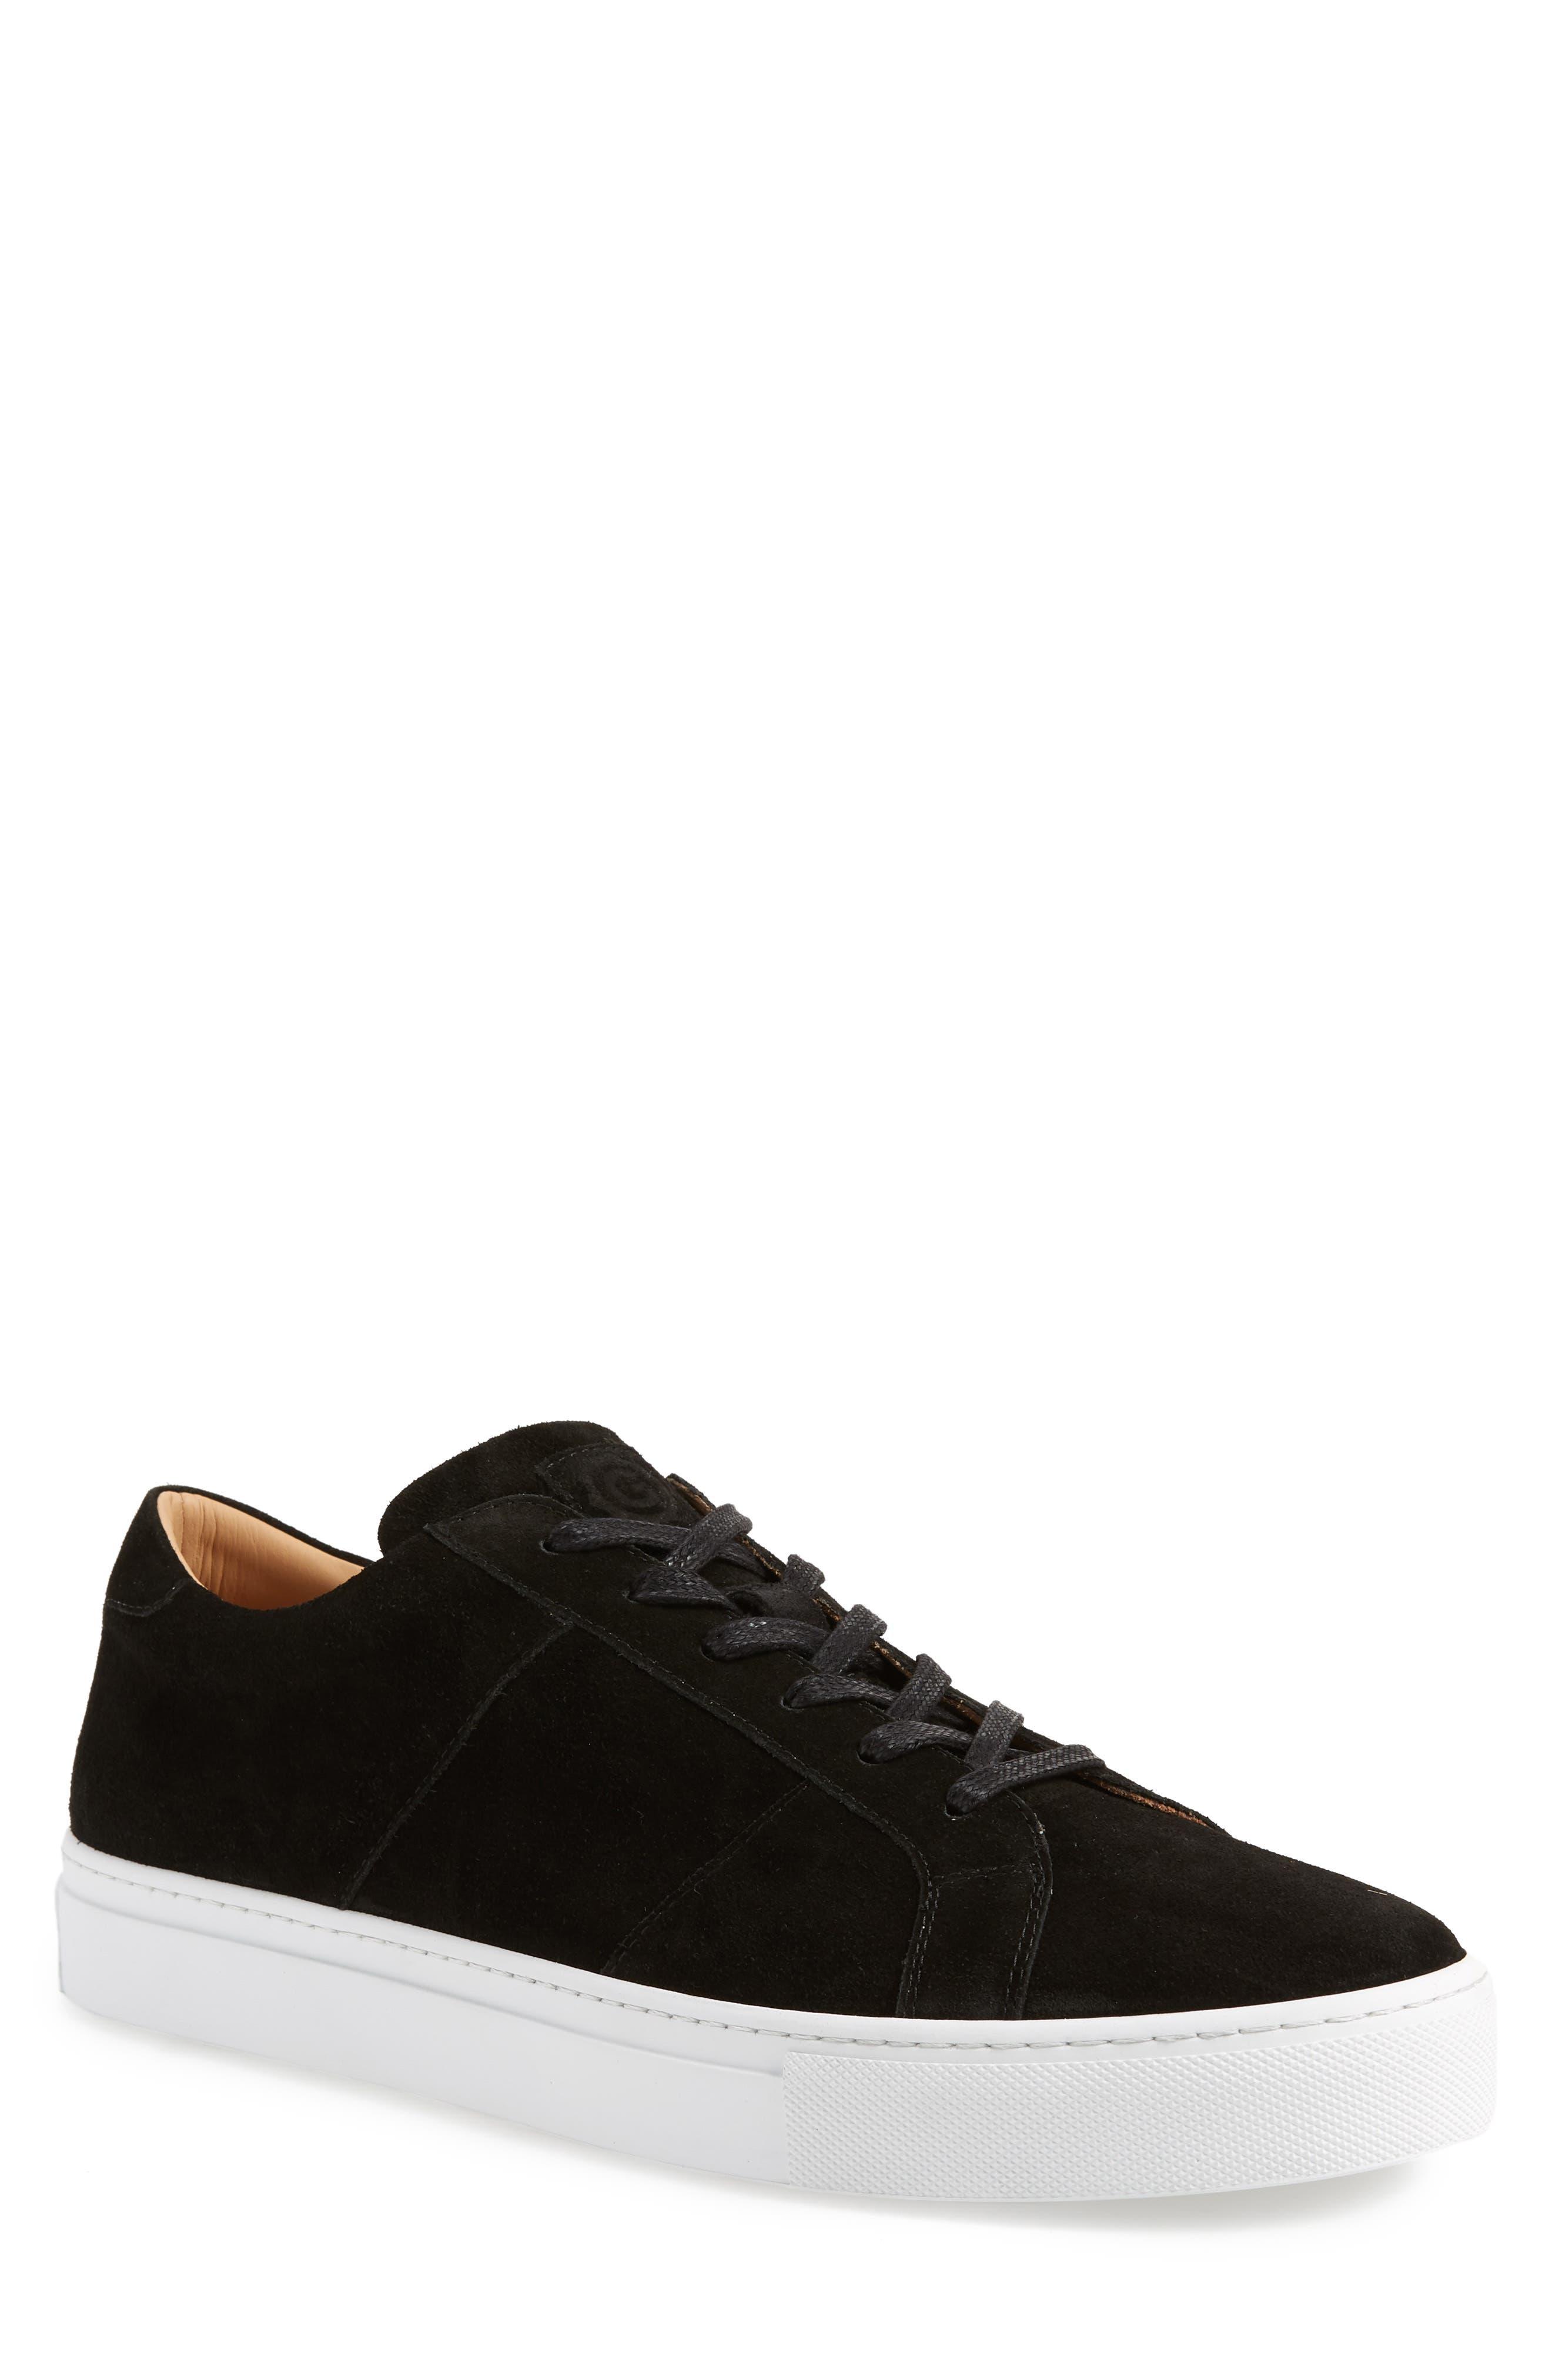 GREATS Royale Sneaker in Black